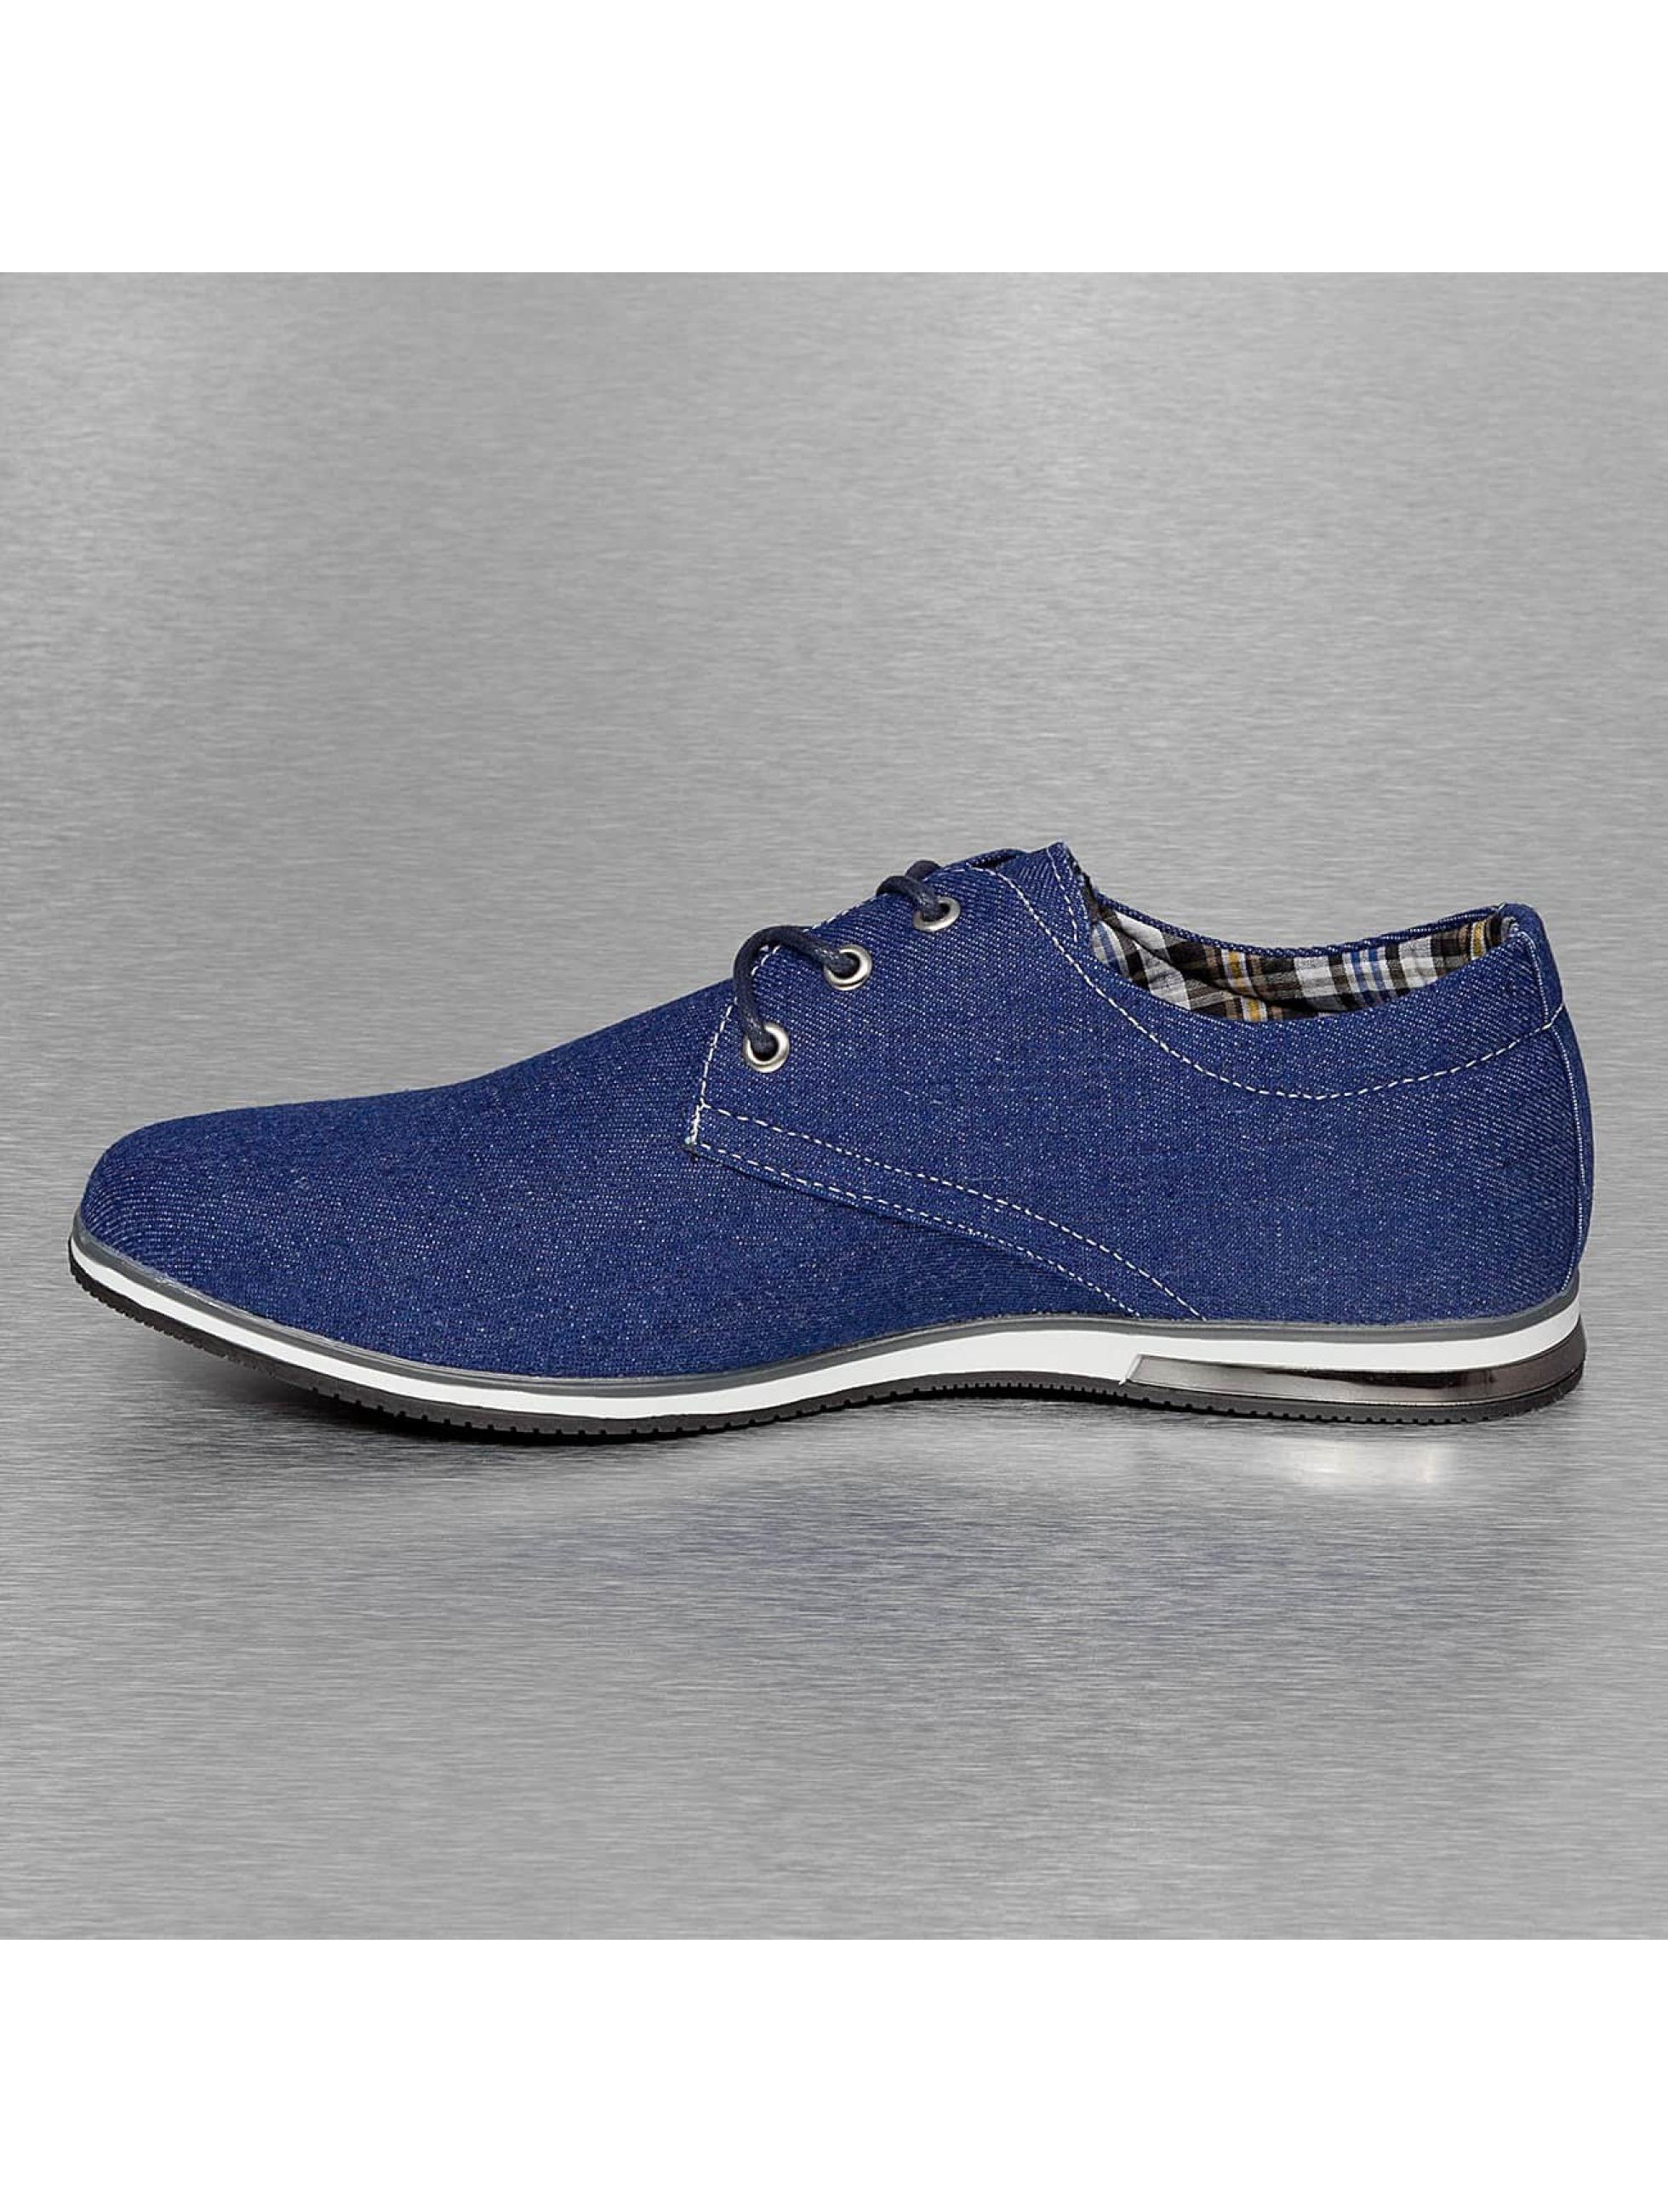 New York Style Sneaker Galway Denim blau